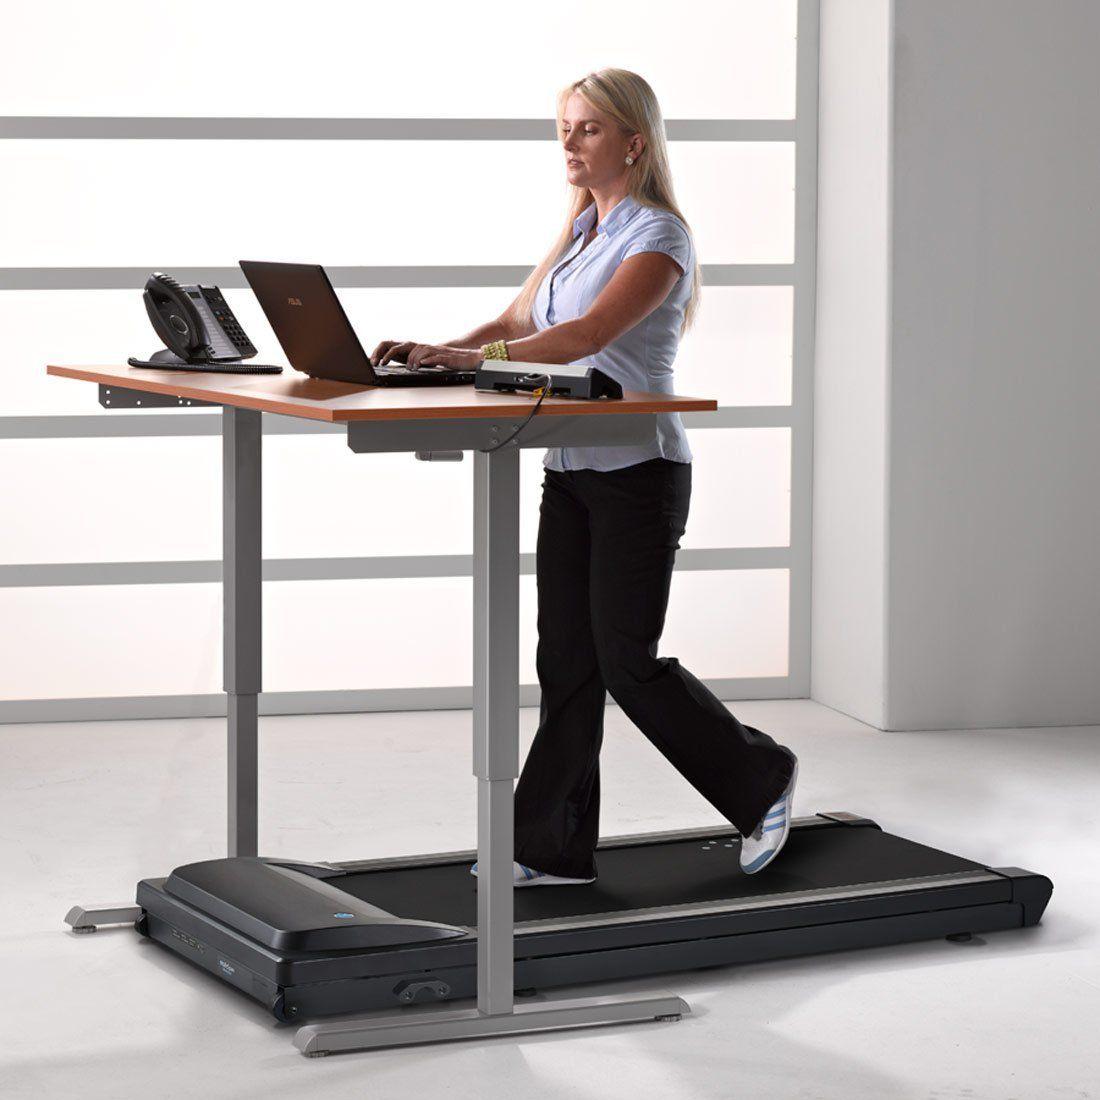 Lifespan Tr1200 Dt3 Under Desk Treadmill Treadmill Desk Standing Desk Treadmill Adjustable Height Desk